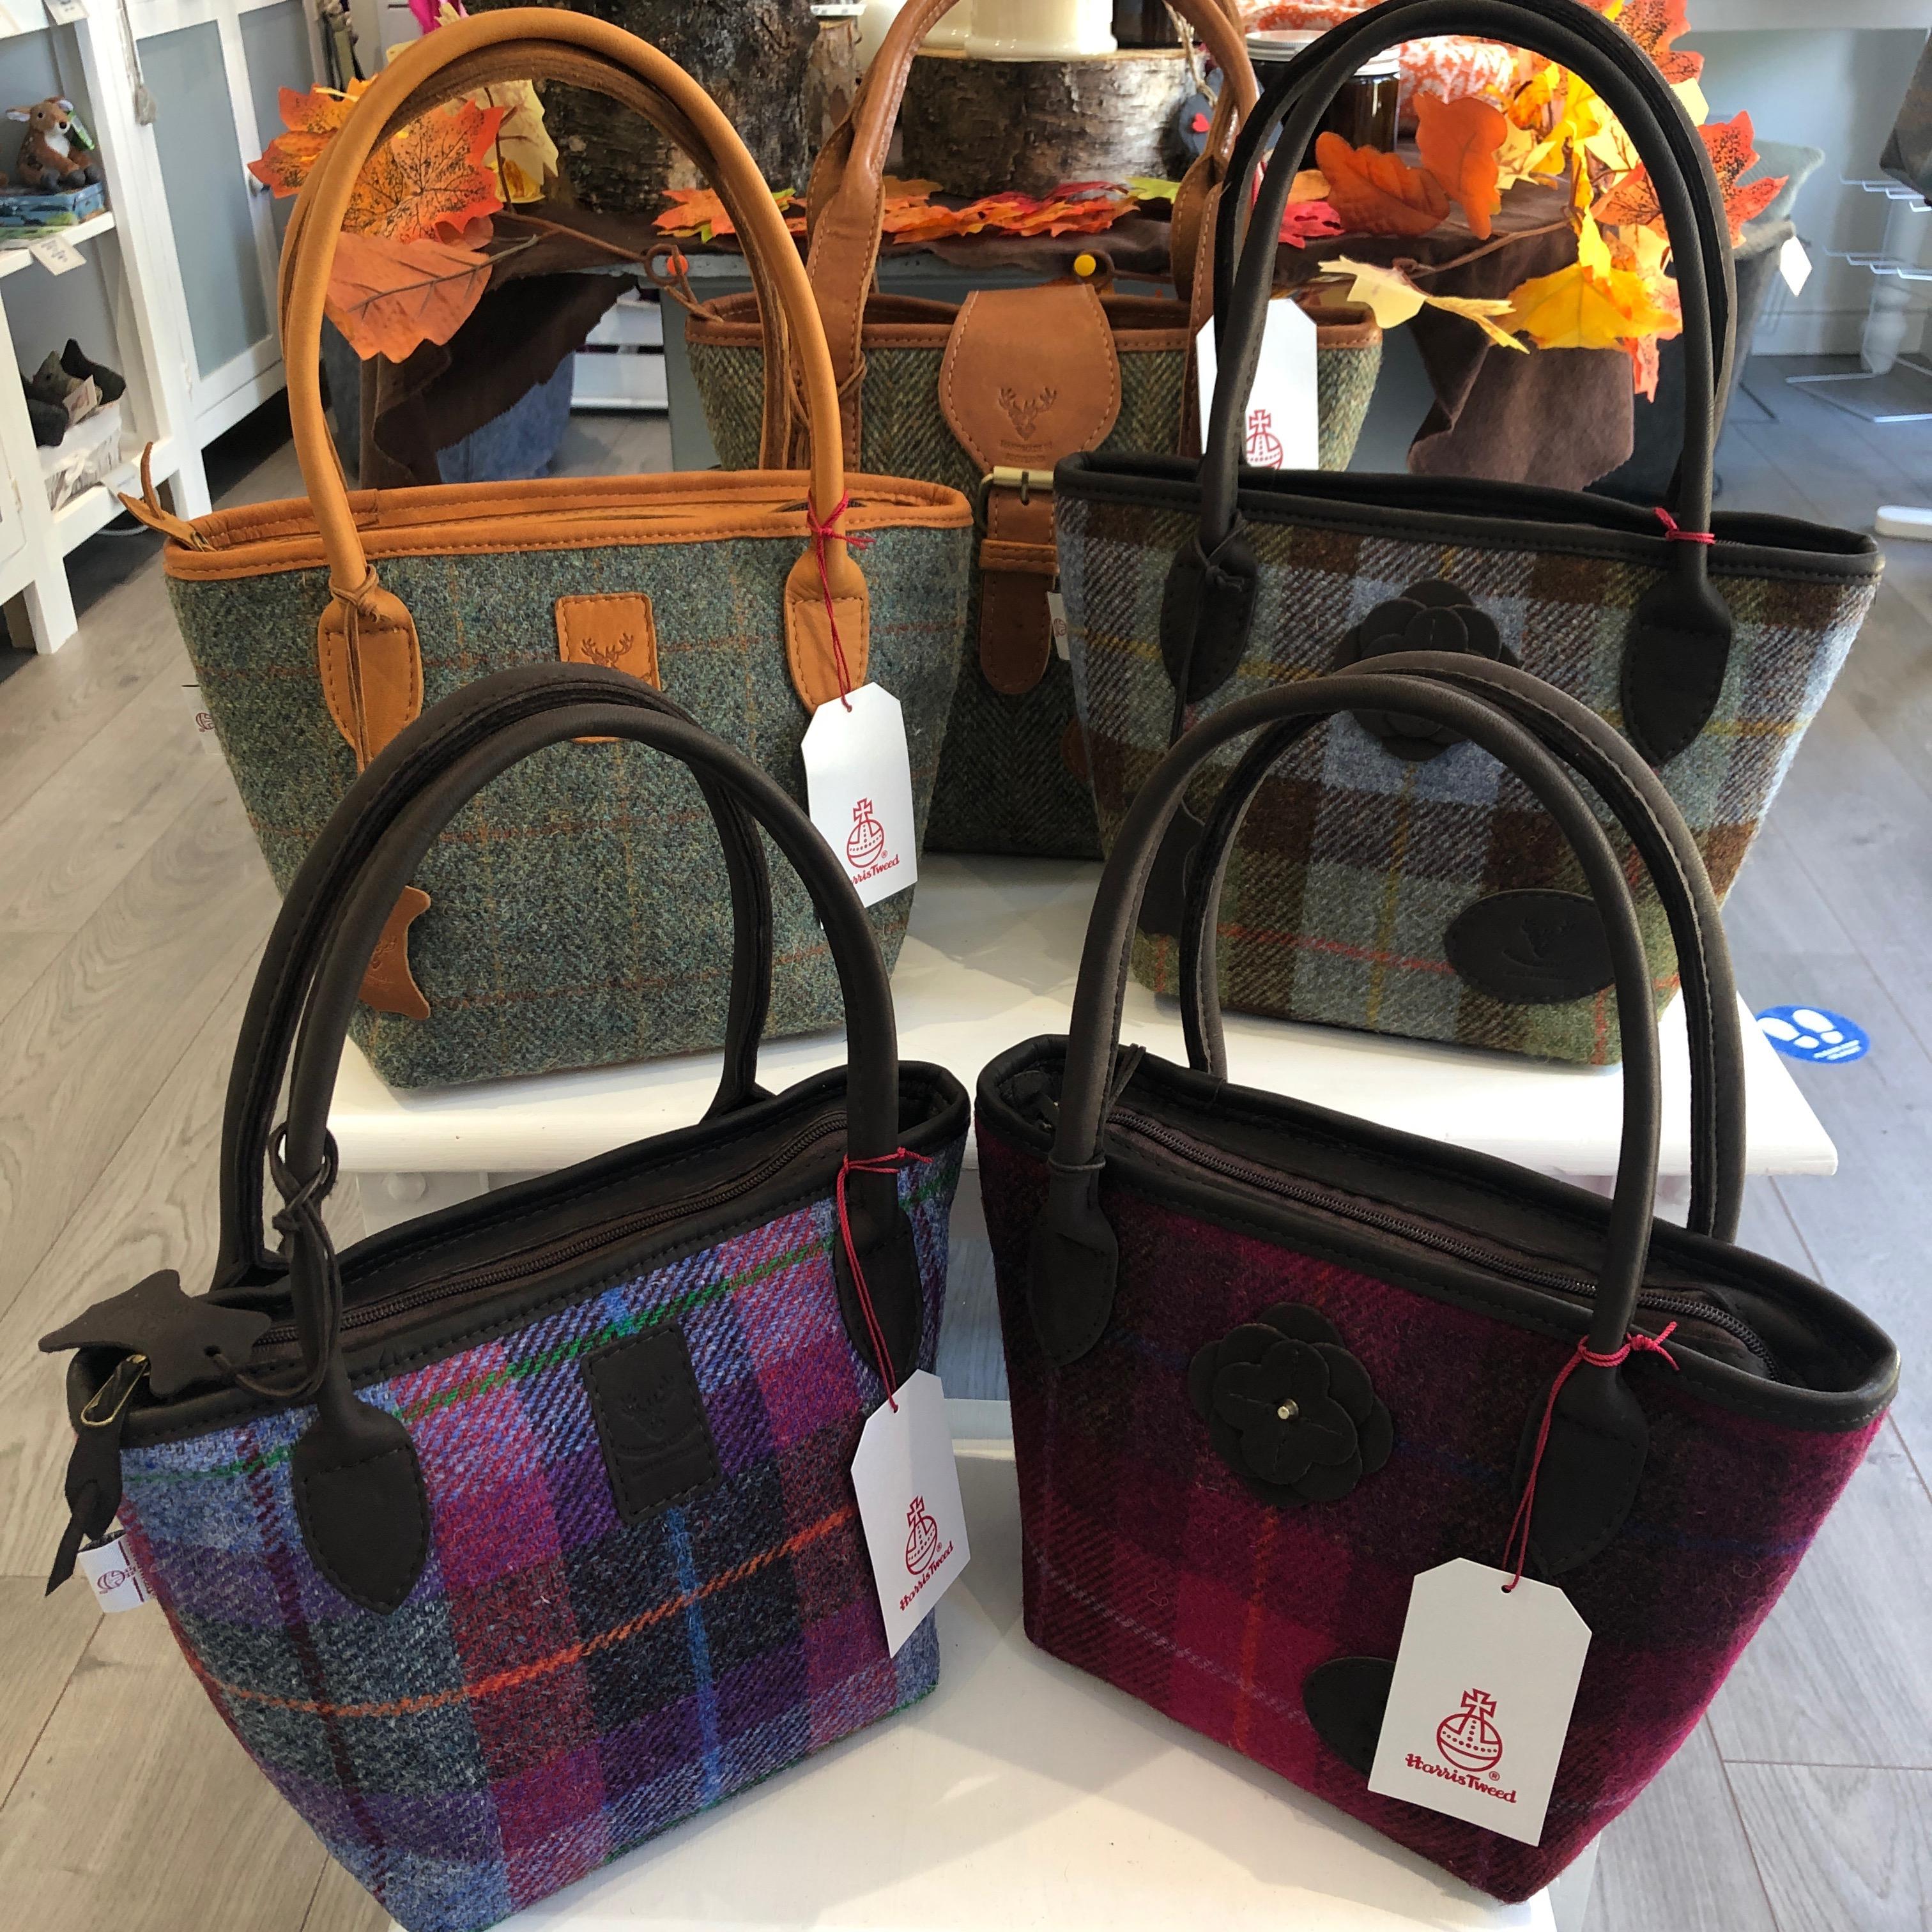 Leather & Tweed Bags